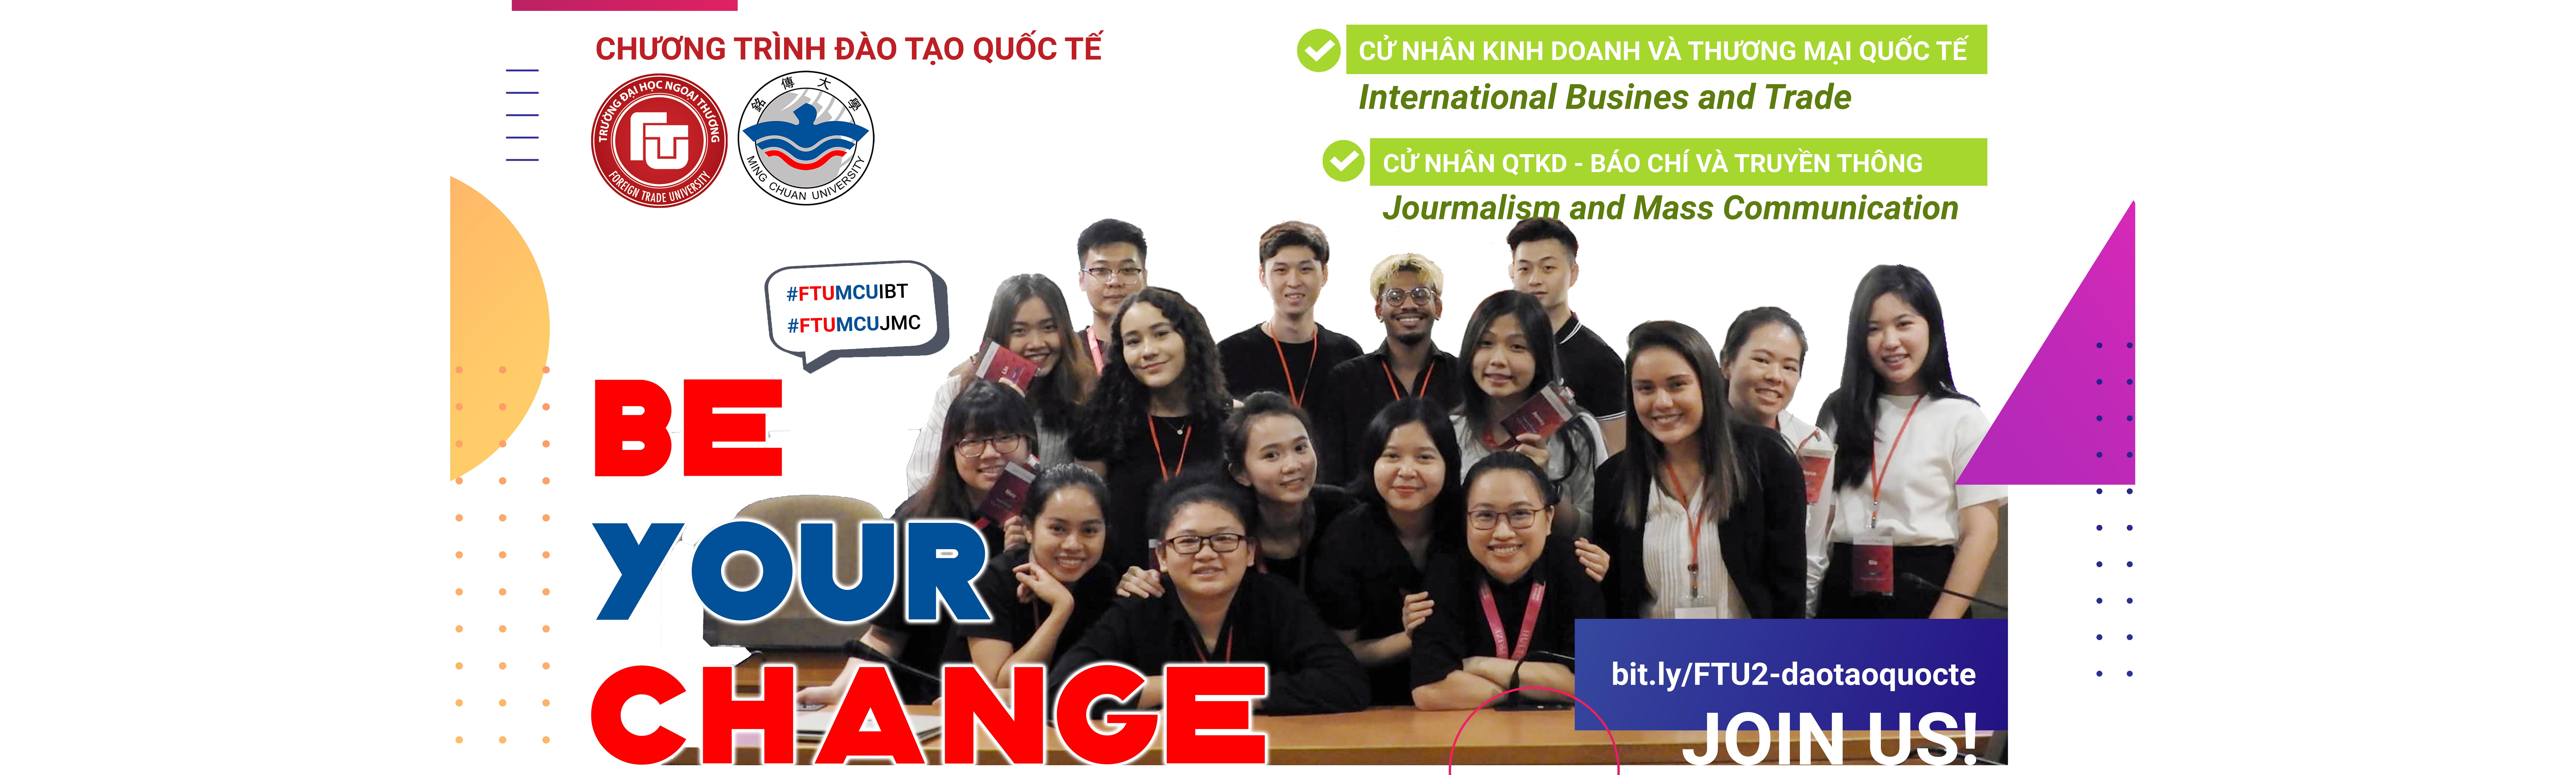 http://icccftu.vn/thong-bao-tuyen-sinh-chuong-trinh-cu-nhan-kinh-doanh-thuong-mai-quoc-te-bachelor-of-international-business-and-trade